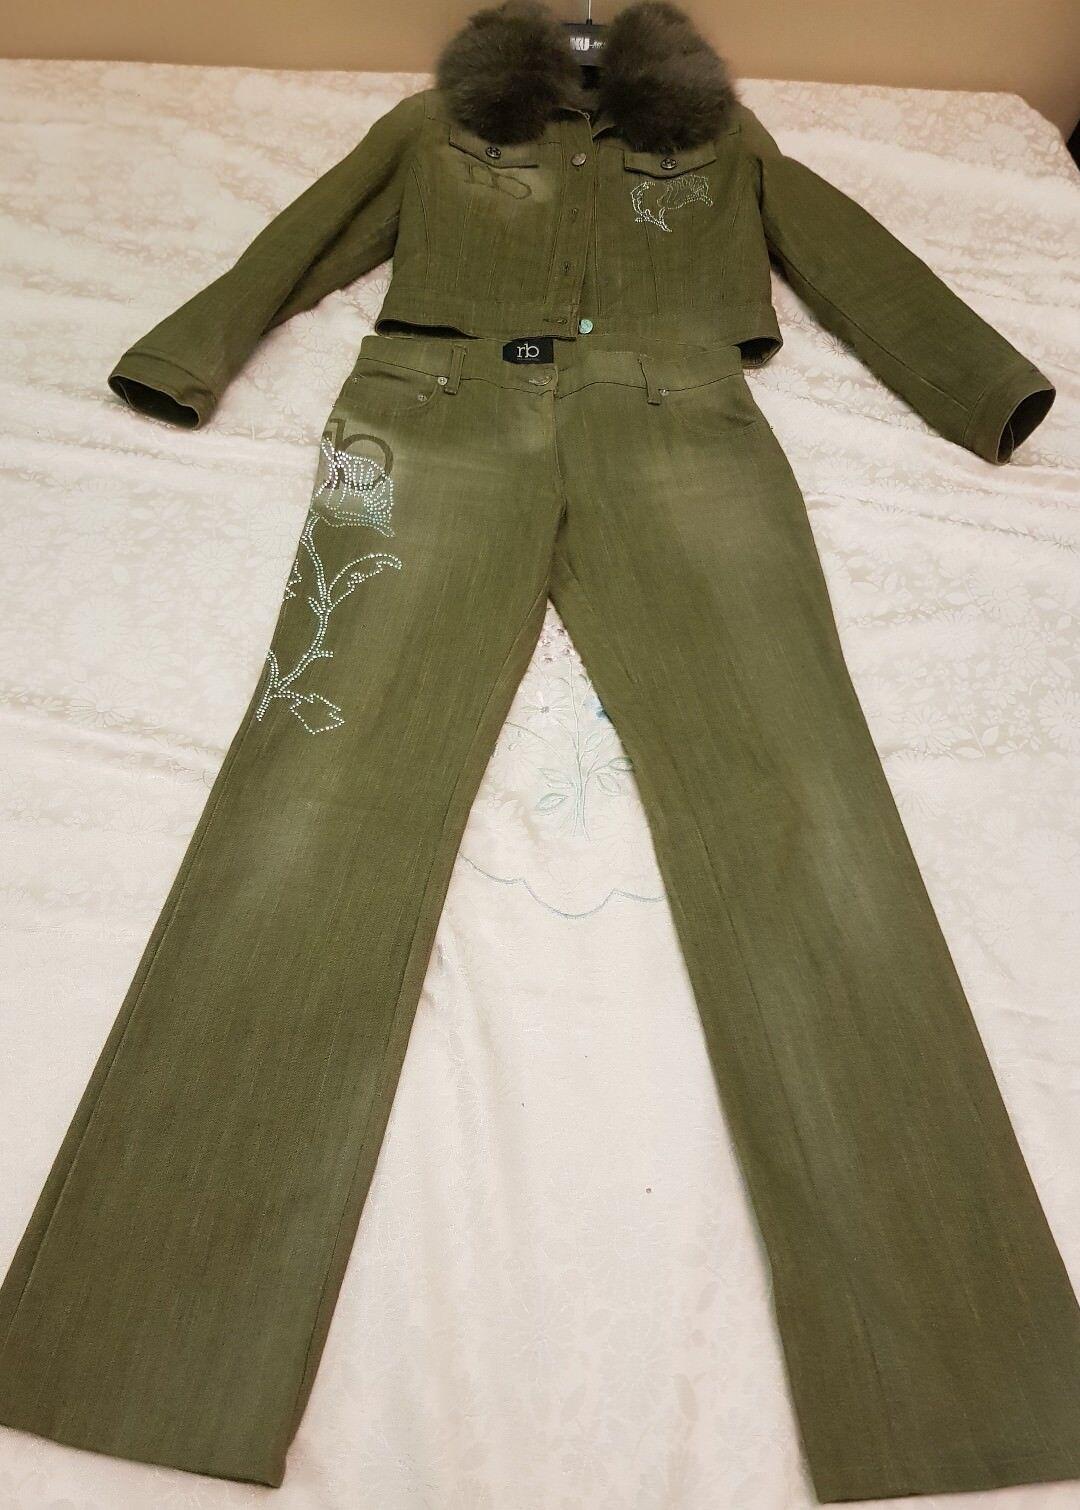 Roccobarocco Completo Pantaloni giacca Giubbino Jeans denim  pelliccia volpe